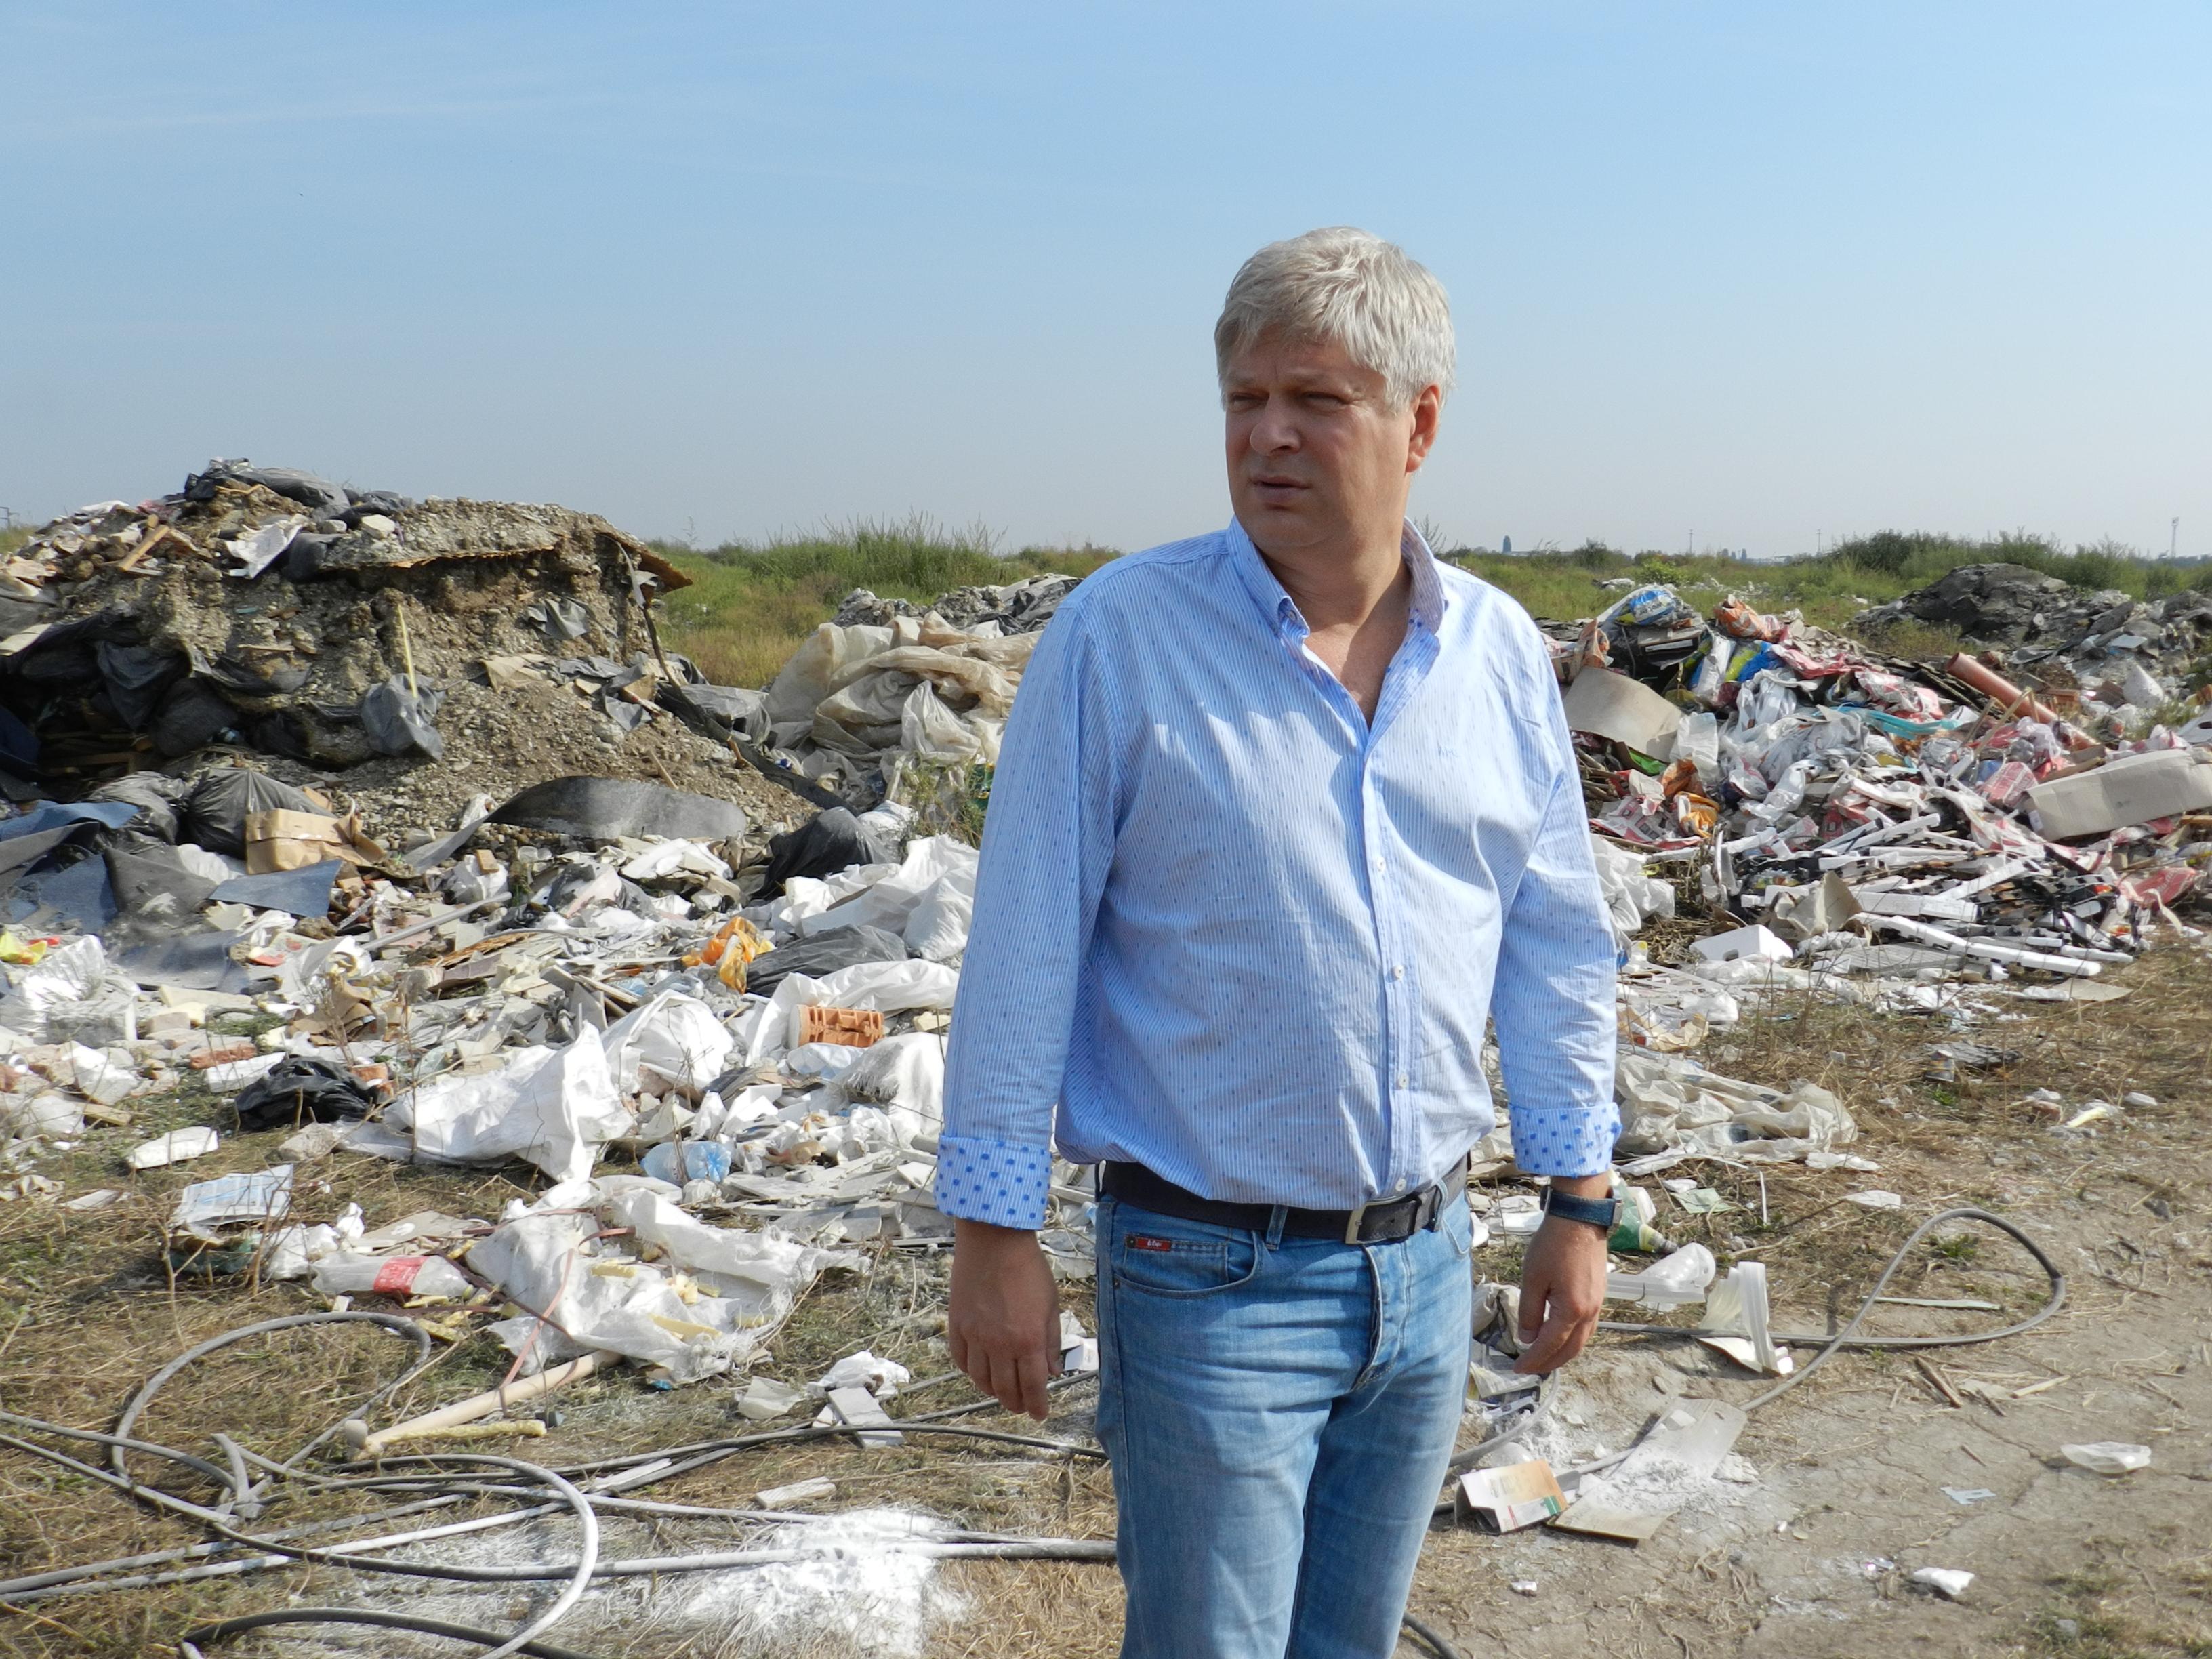 Semnează și tu pentru închiderea gropilor de gunoi care otrăvesc aerul Capitalei!